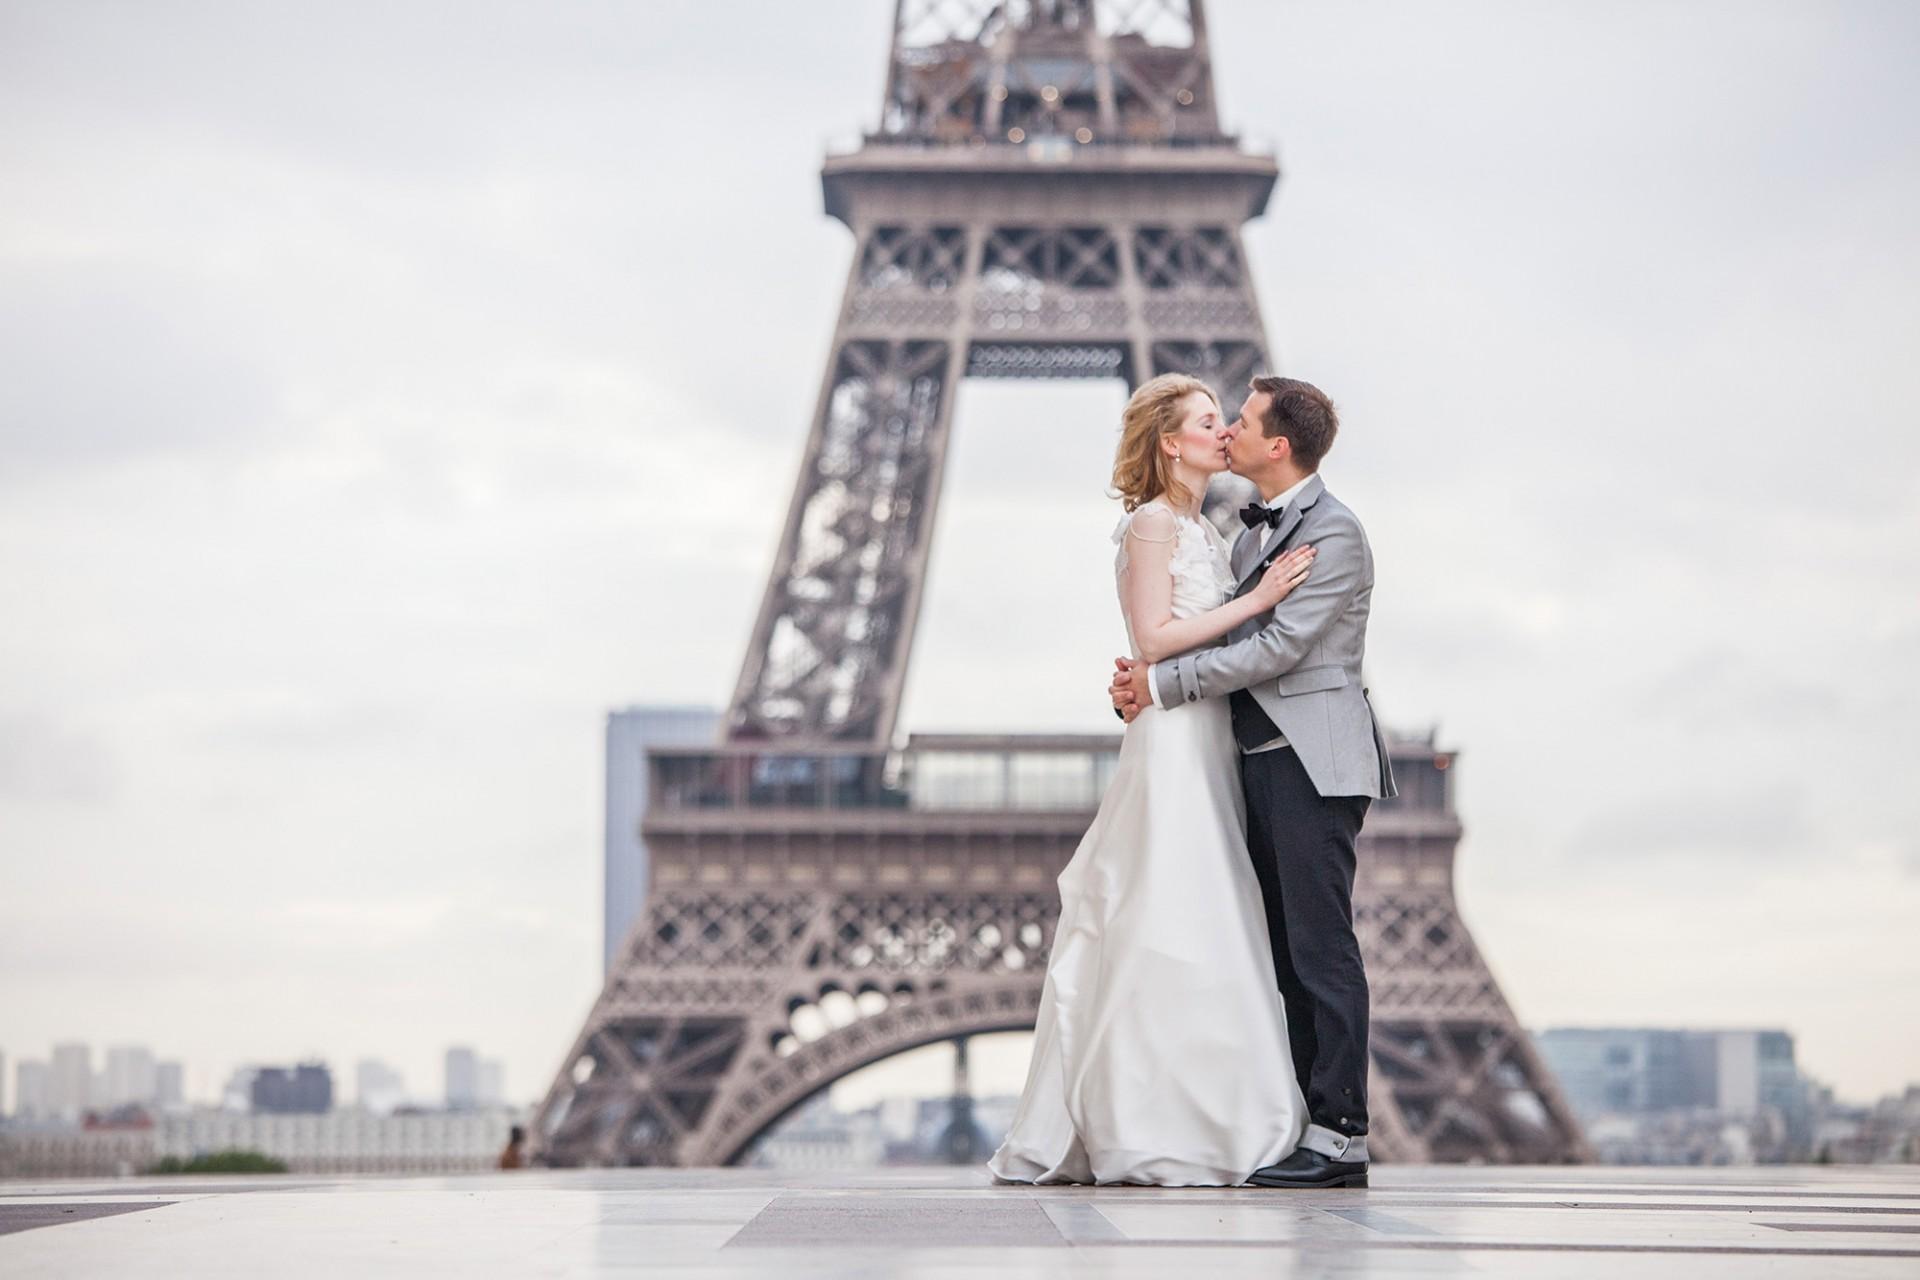 Hochzeitsbilder am Eiffelturm - deutscher Fotograf in Paris